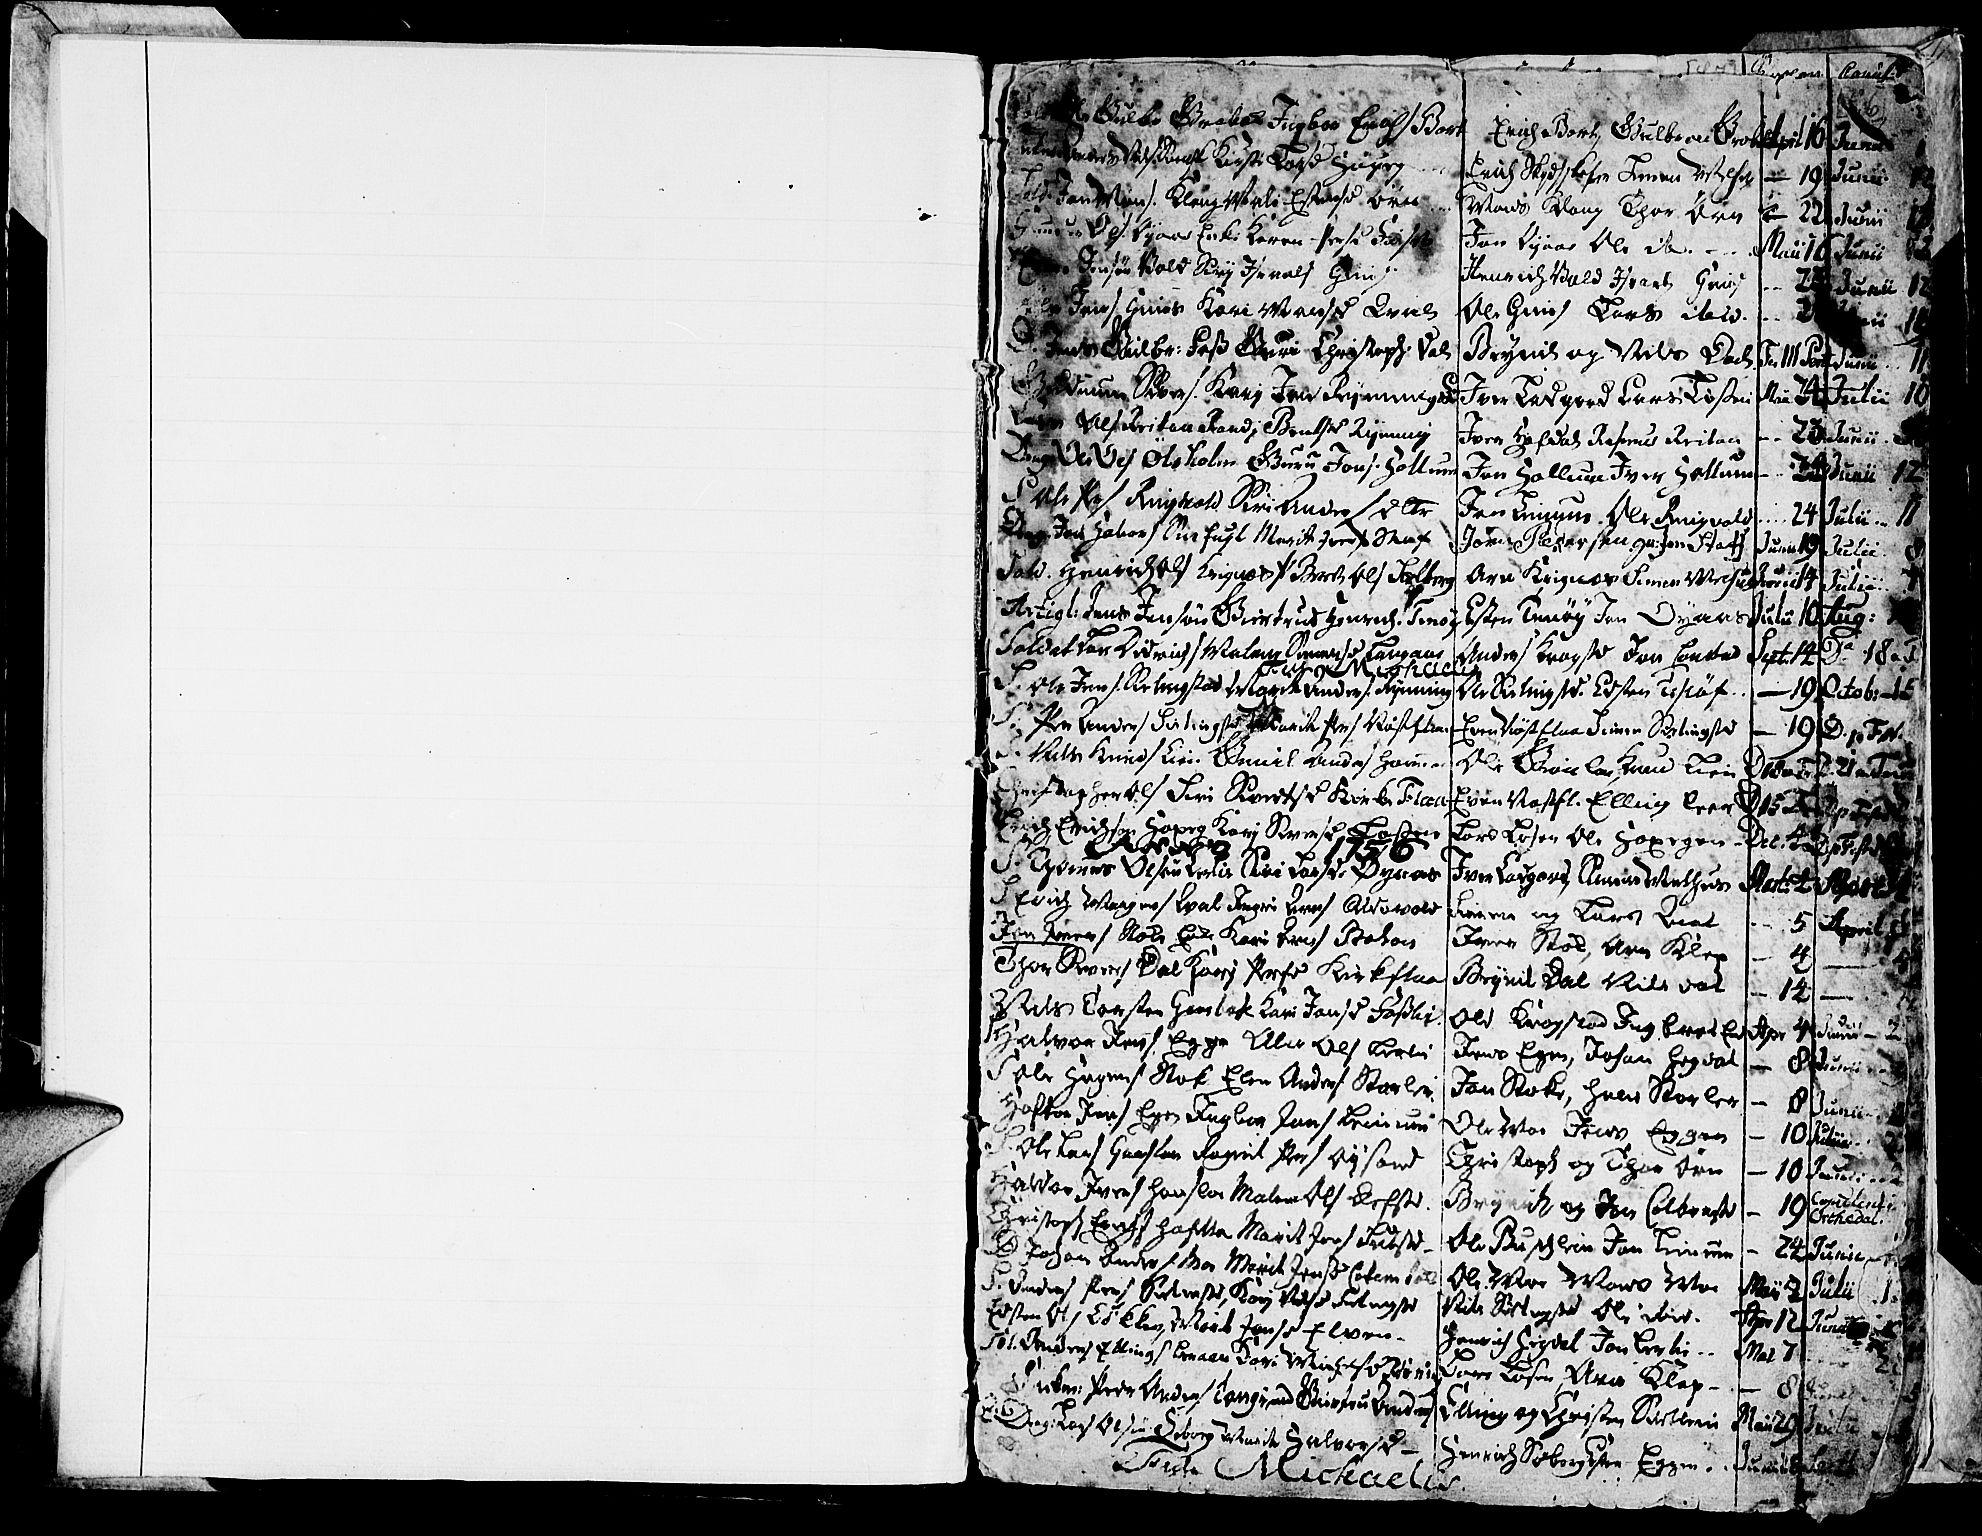 SAT, Ministerialprotokoller, klokkerbøker og fødselsregistre - Sør-Trøndelag, 691/L1057: Ministerialbok nr. 691A01 /1, 1740-1767, s. 6